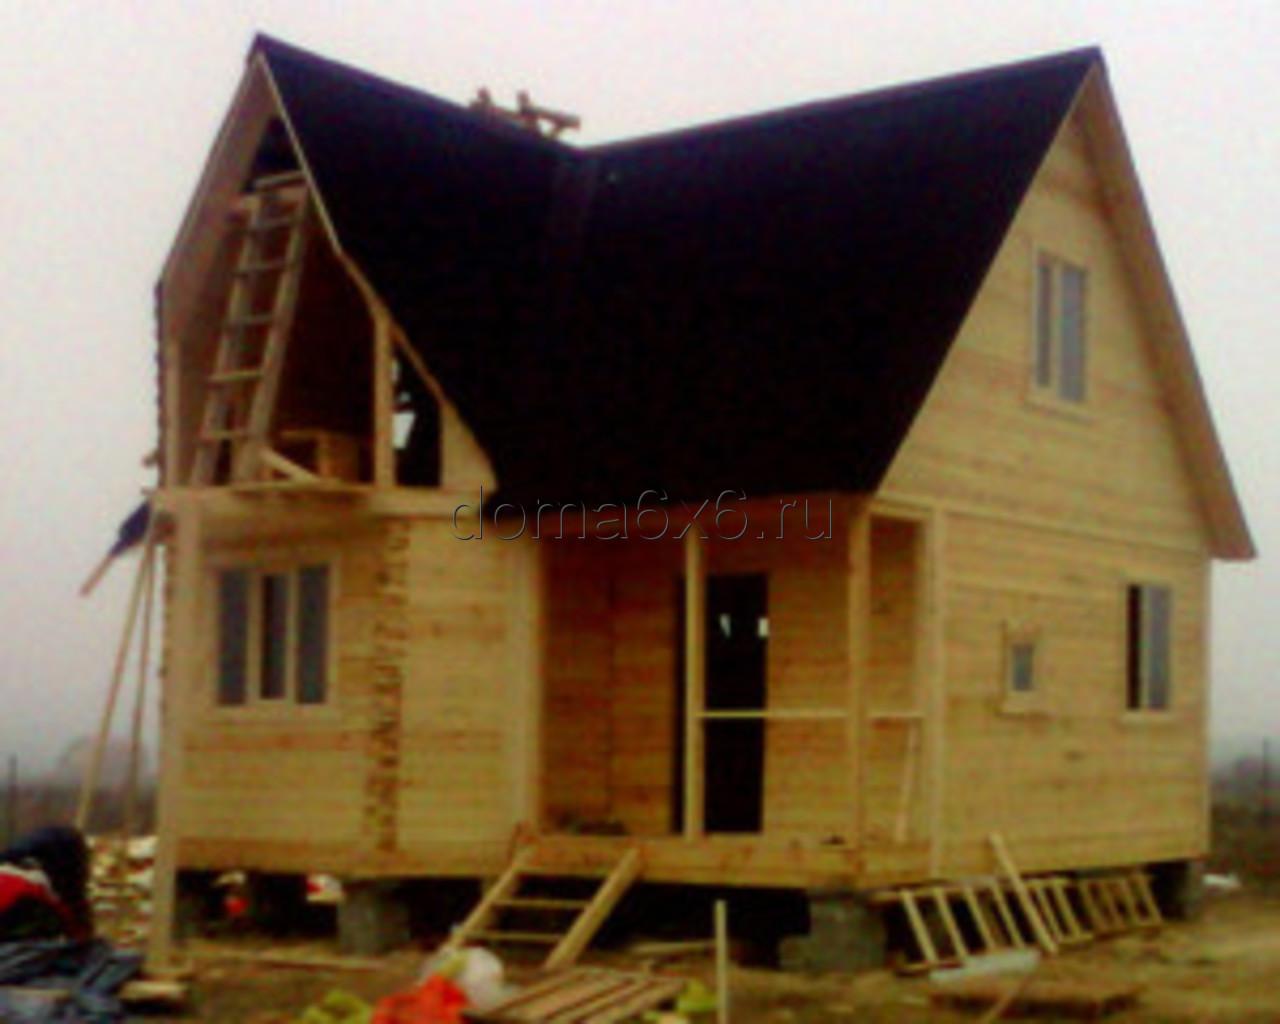 Строительство домов из бруса в Черногубово - Владислав